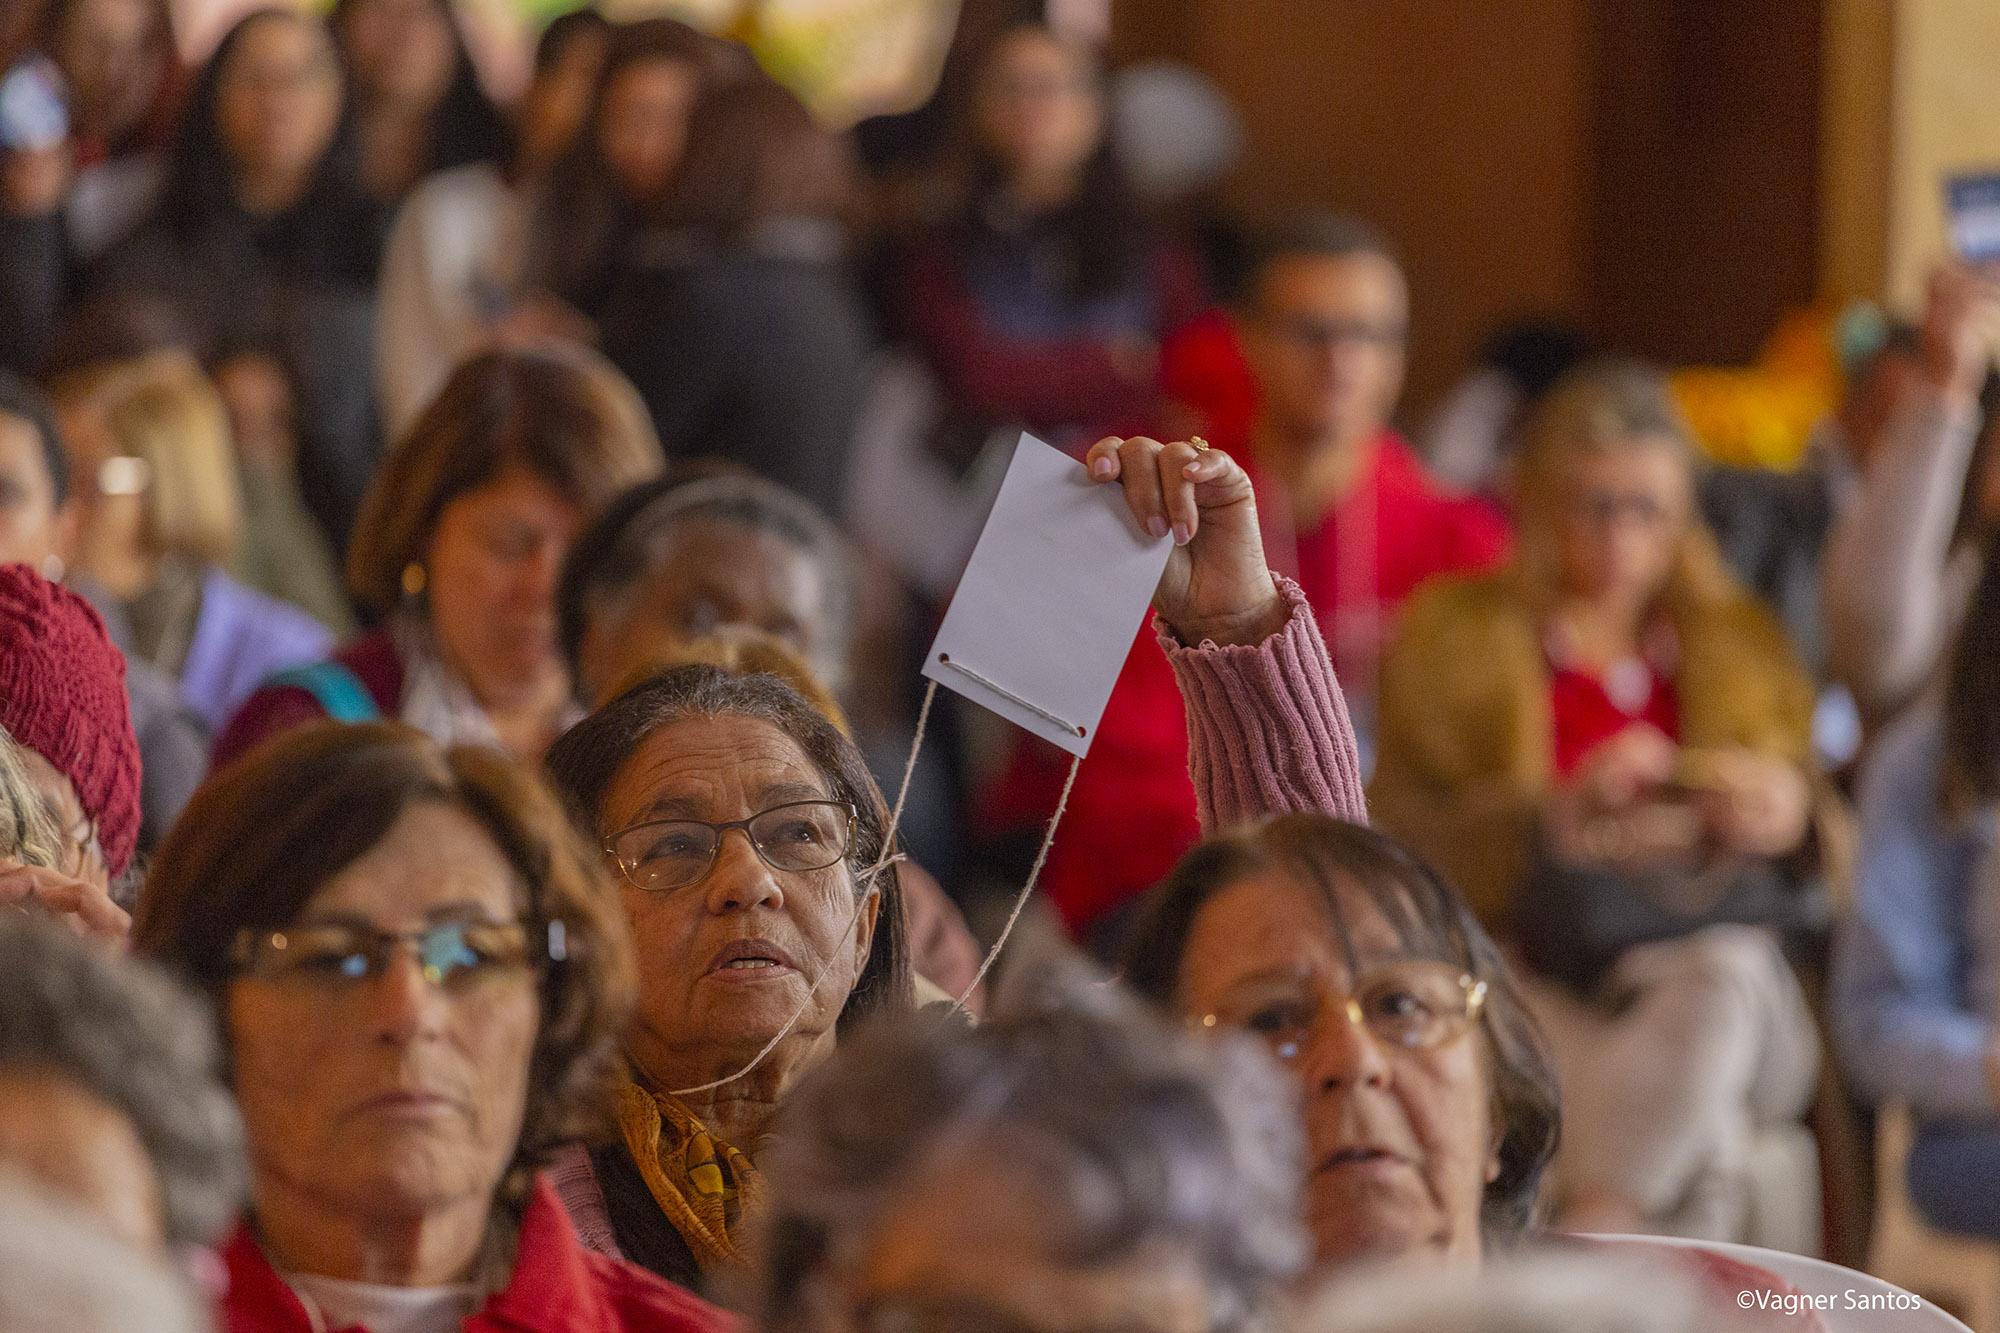 Grande público marca presença à Conferência de Assistência Social de Cotia